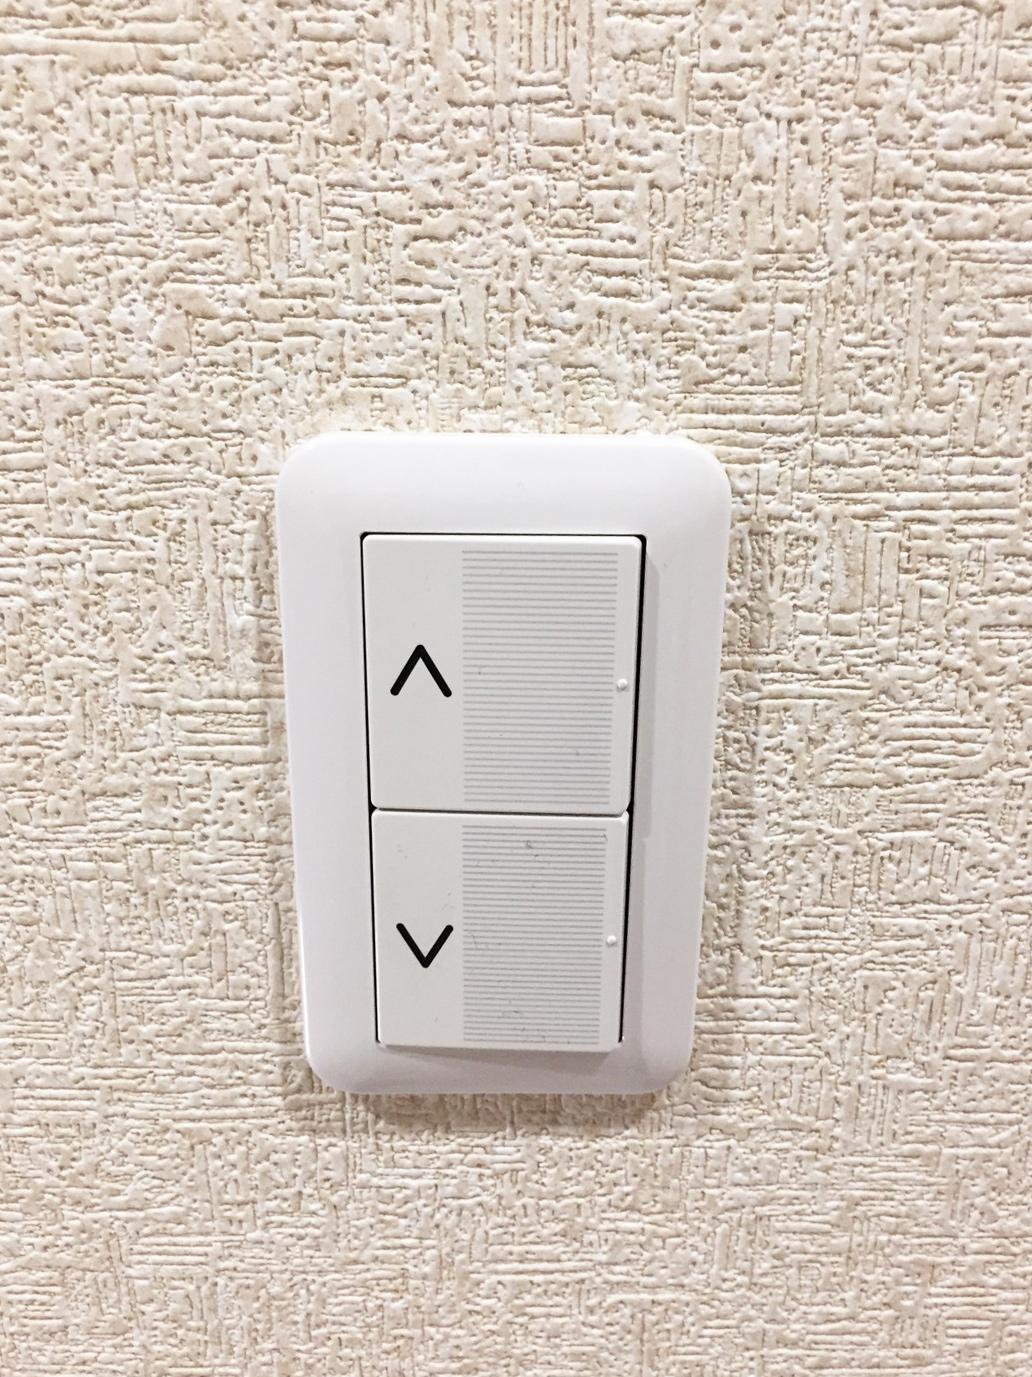 配線を埋め込み型にした呼び送りスイッチ